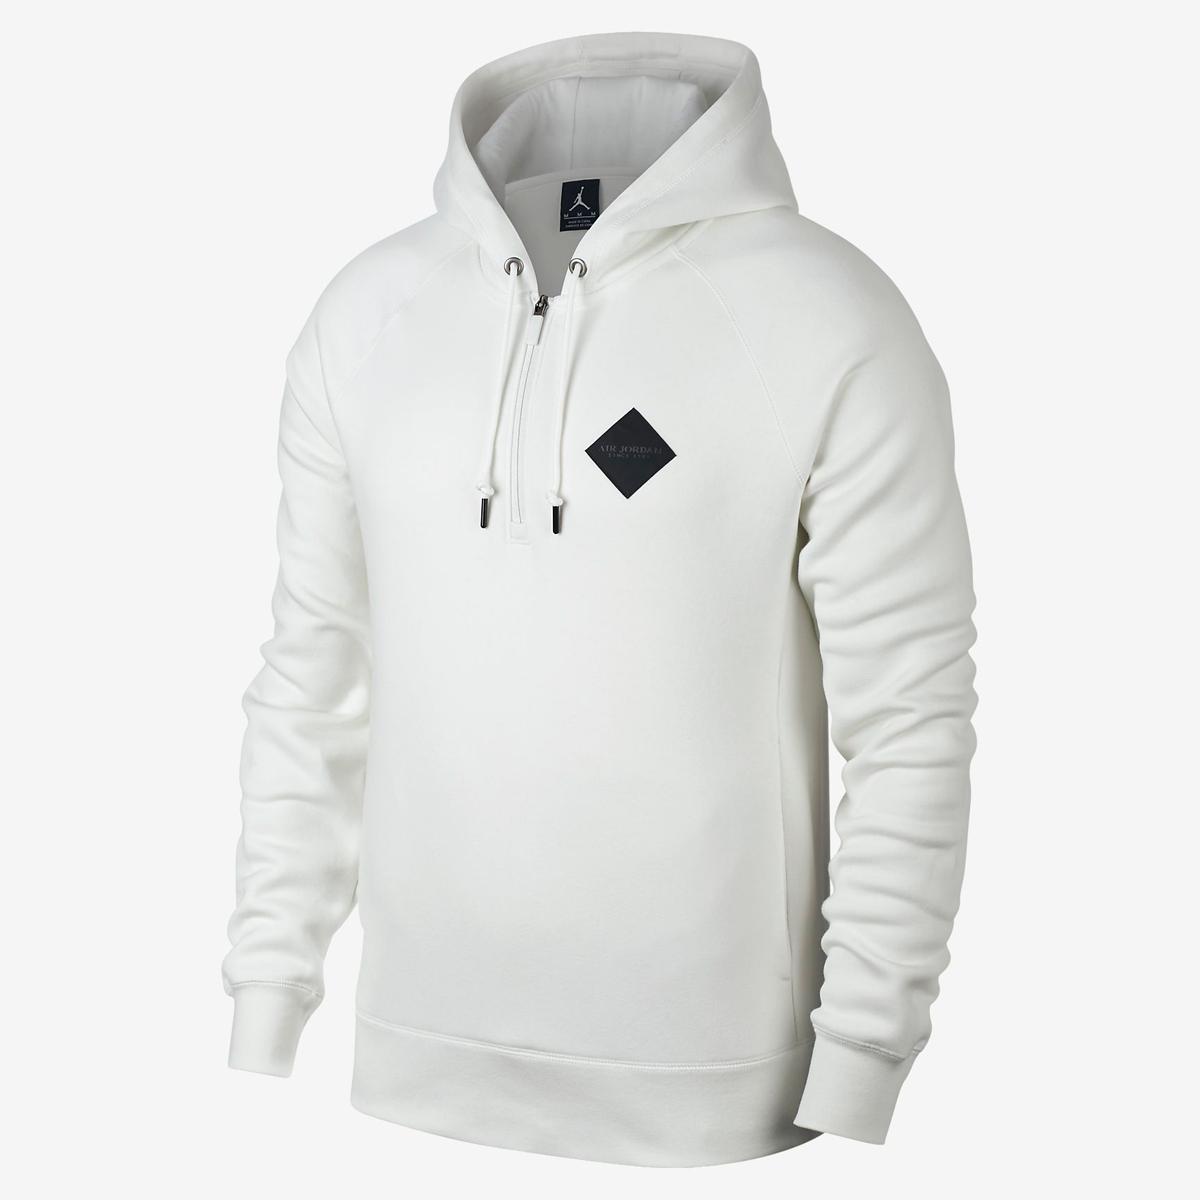 jordan-9-city-of-flight-hoodie-1